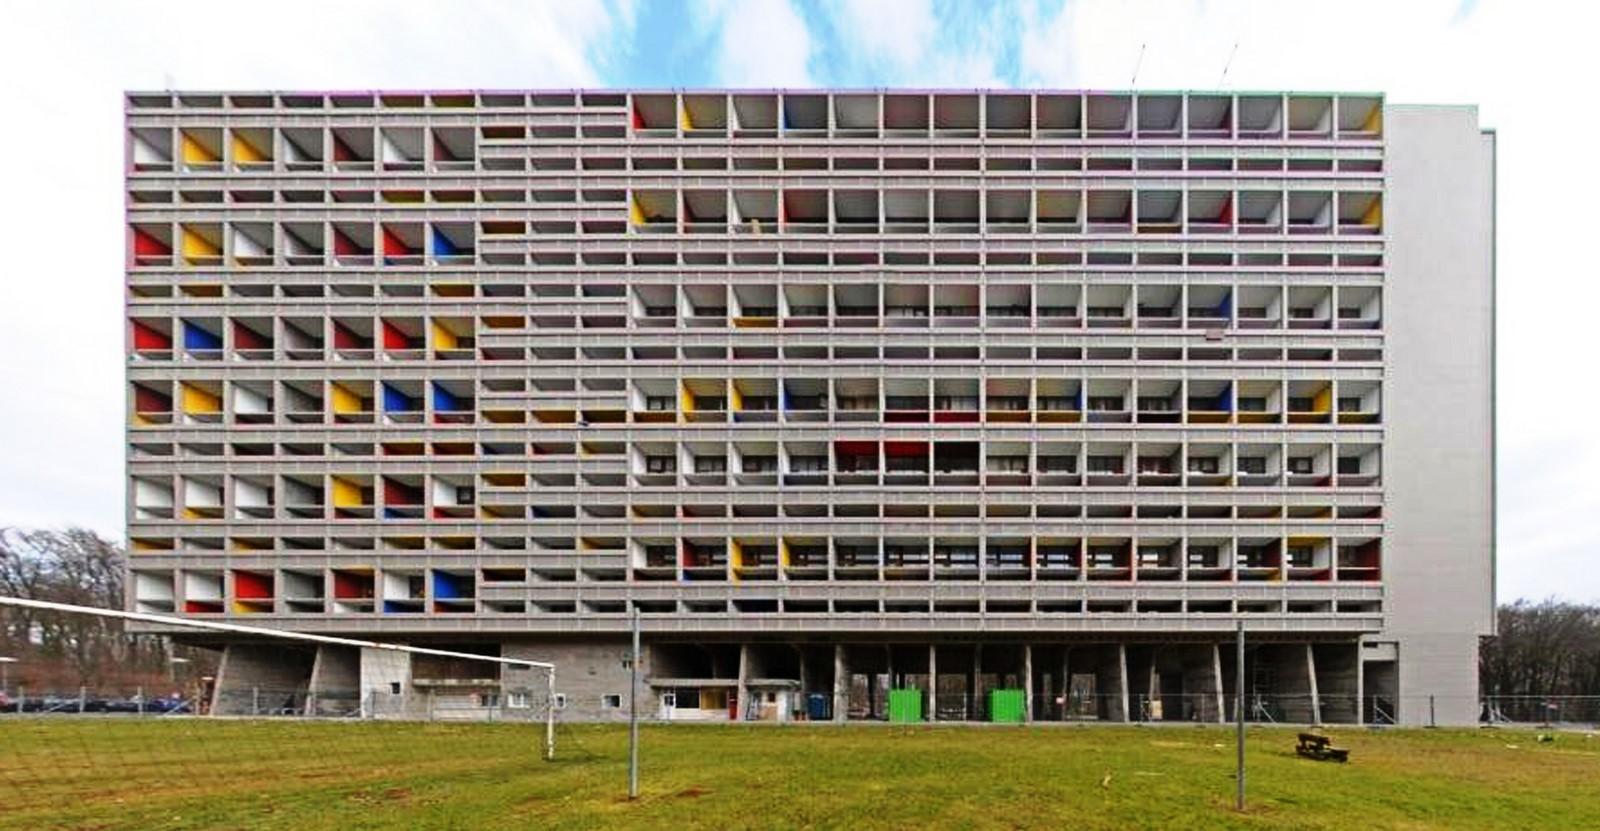 Unite d'habitation, Marseille, France by Le Corbusier - Sheet2